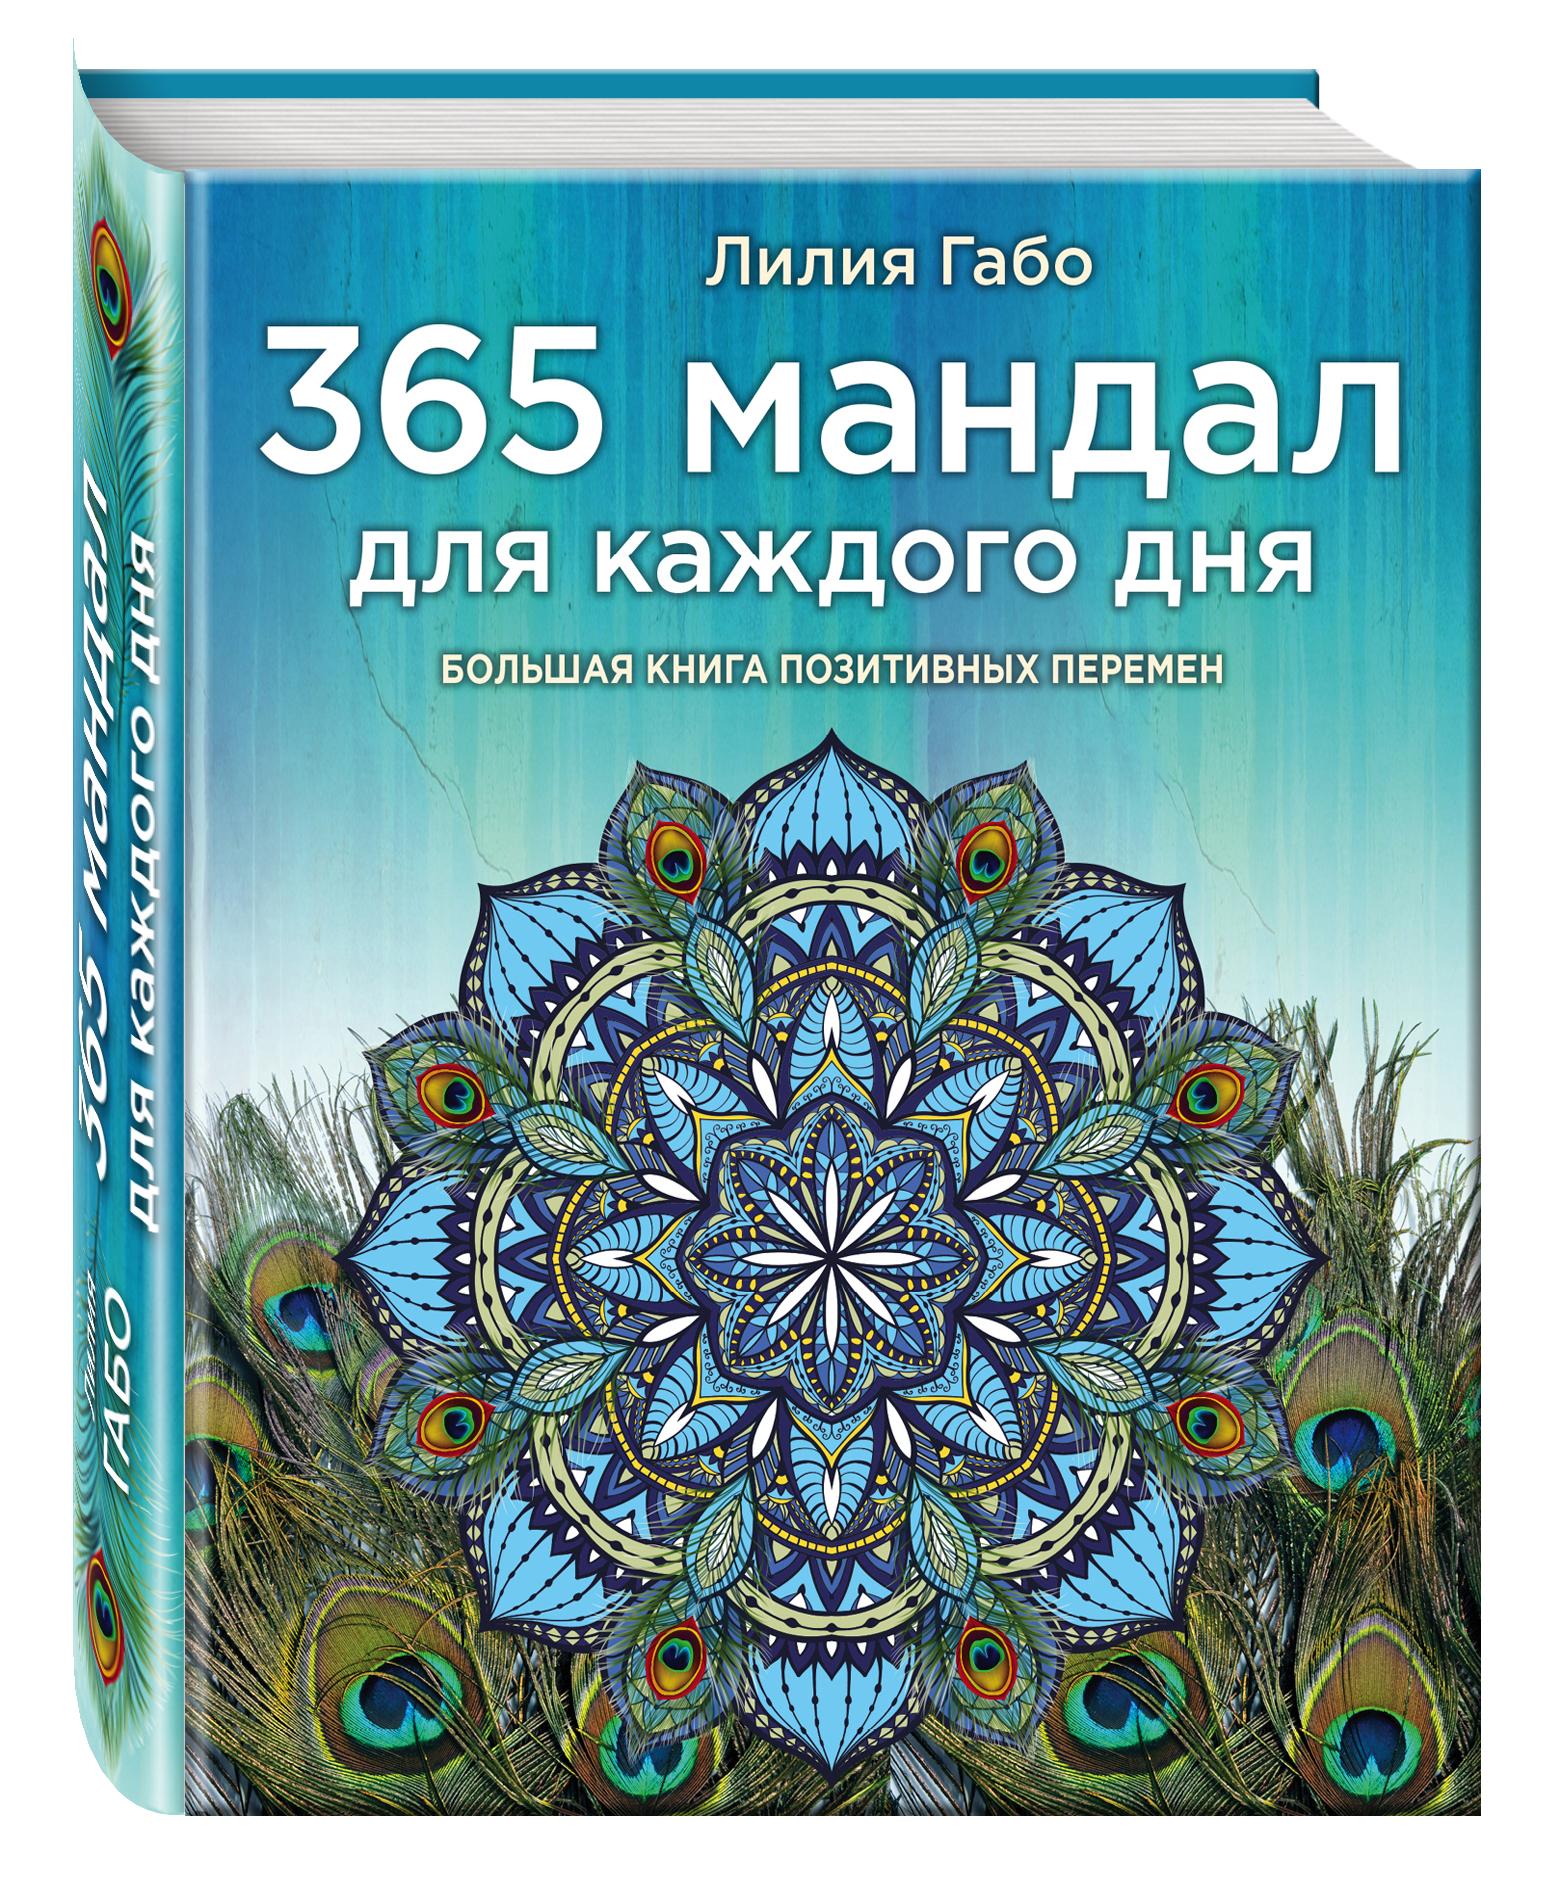 Лилия Габо 365 мандал для каждого дня. Большая книга позитивных перемен (павлин)